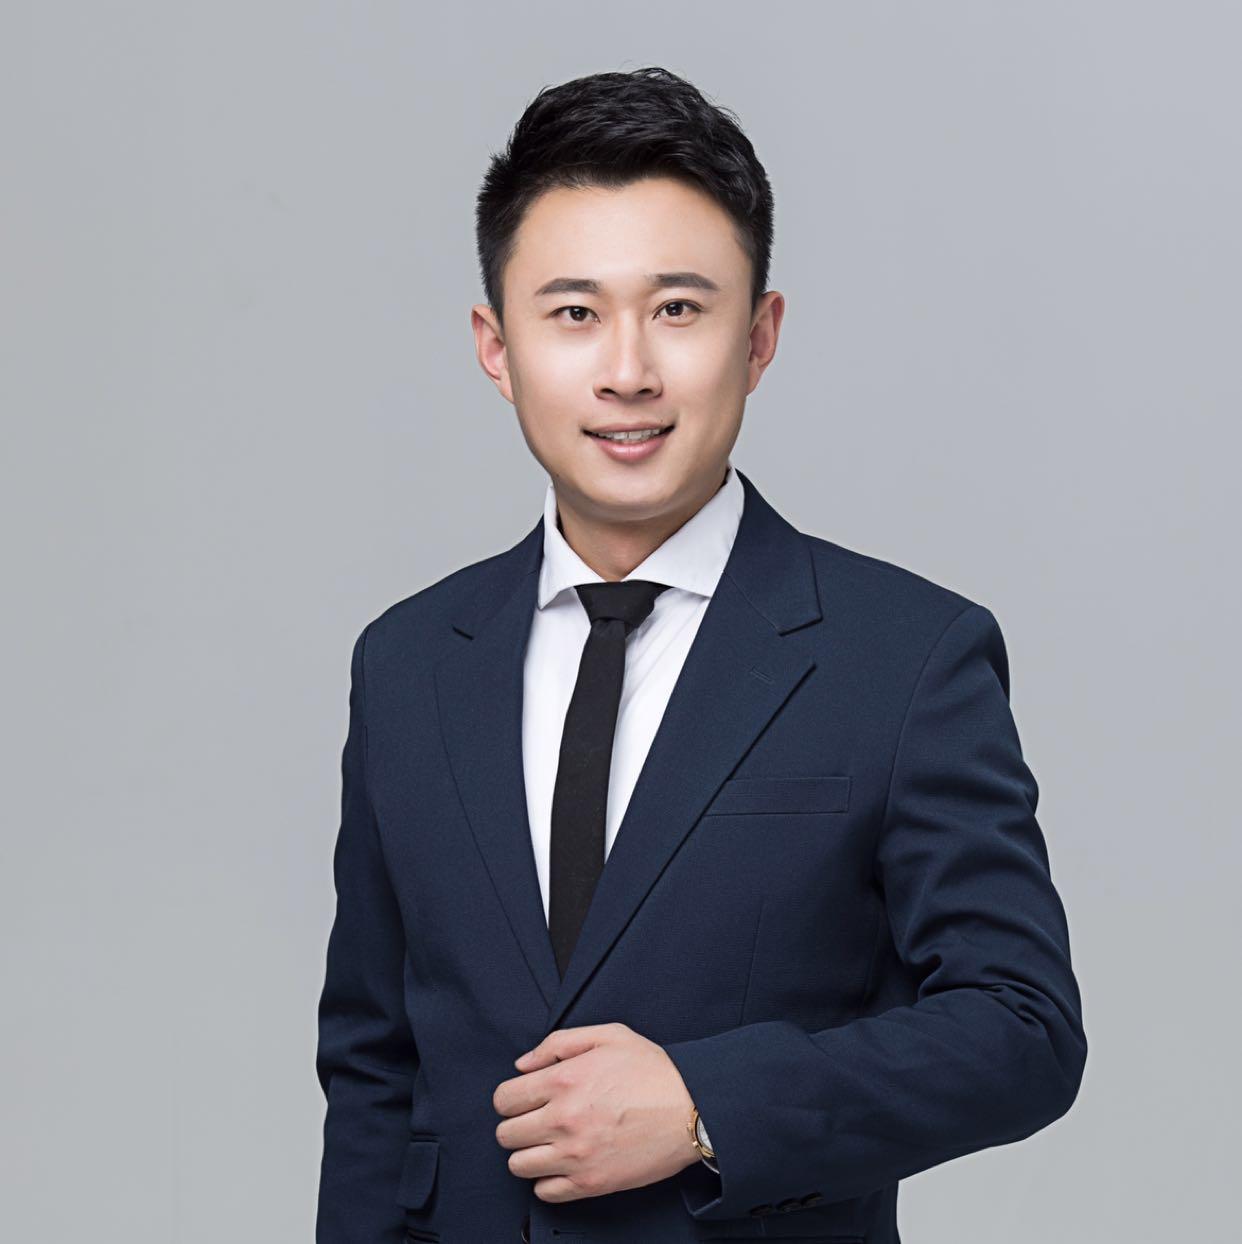 ![](https://linkedcare-app.oss-cn-hangzhou.aliyuncs.com/image-production/ares/public/image/2/f53162e12940be6f09cb88fc0fde4043)![](https://linkedcare-app.oss-cn-hangzhou.aliyuncs.com/image-production/ares/public/image/2/c79d2eef3b26acece0f936c07cb2897d)![](https://linkedcare-app.oss-cn-hangzhou.aliyuncs.com/image-production/ares/public/image/2/765a46e6adc01d133d8ab06ce770e852)